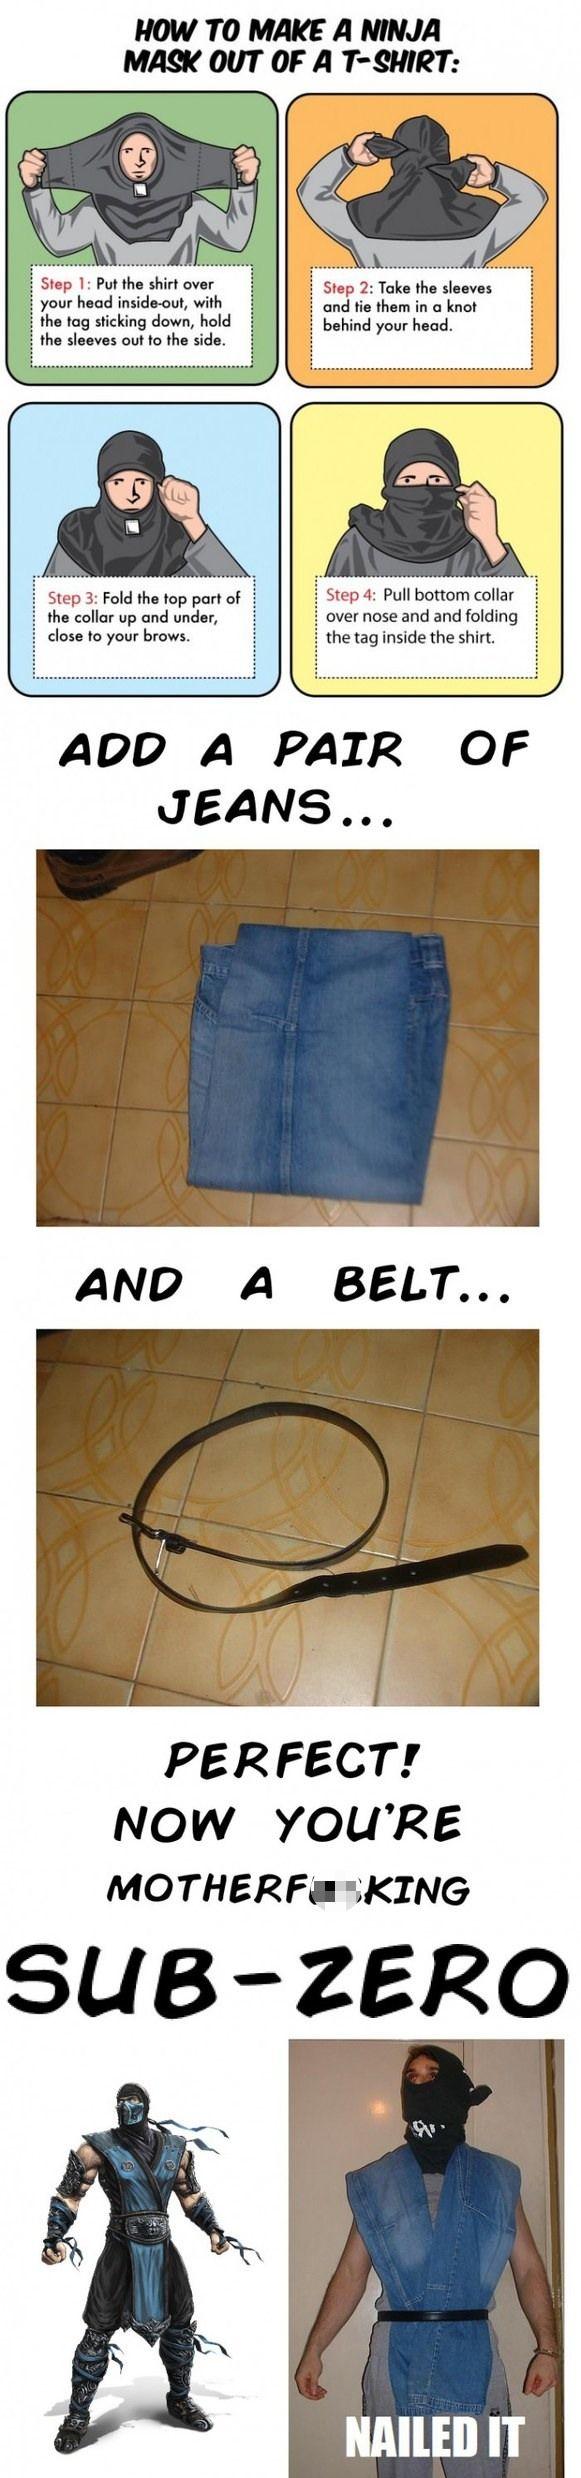 Il suffit de pas grand chose pour se fabriquer un cosplay Sub-Zero. Un brin d'imagination, un tee-shirt noir, un jean et une ceinture